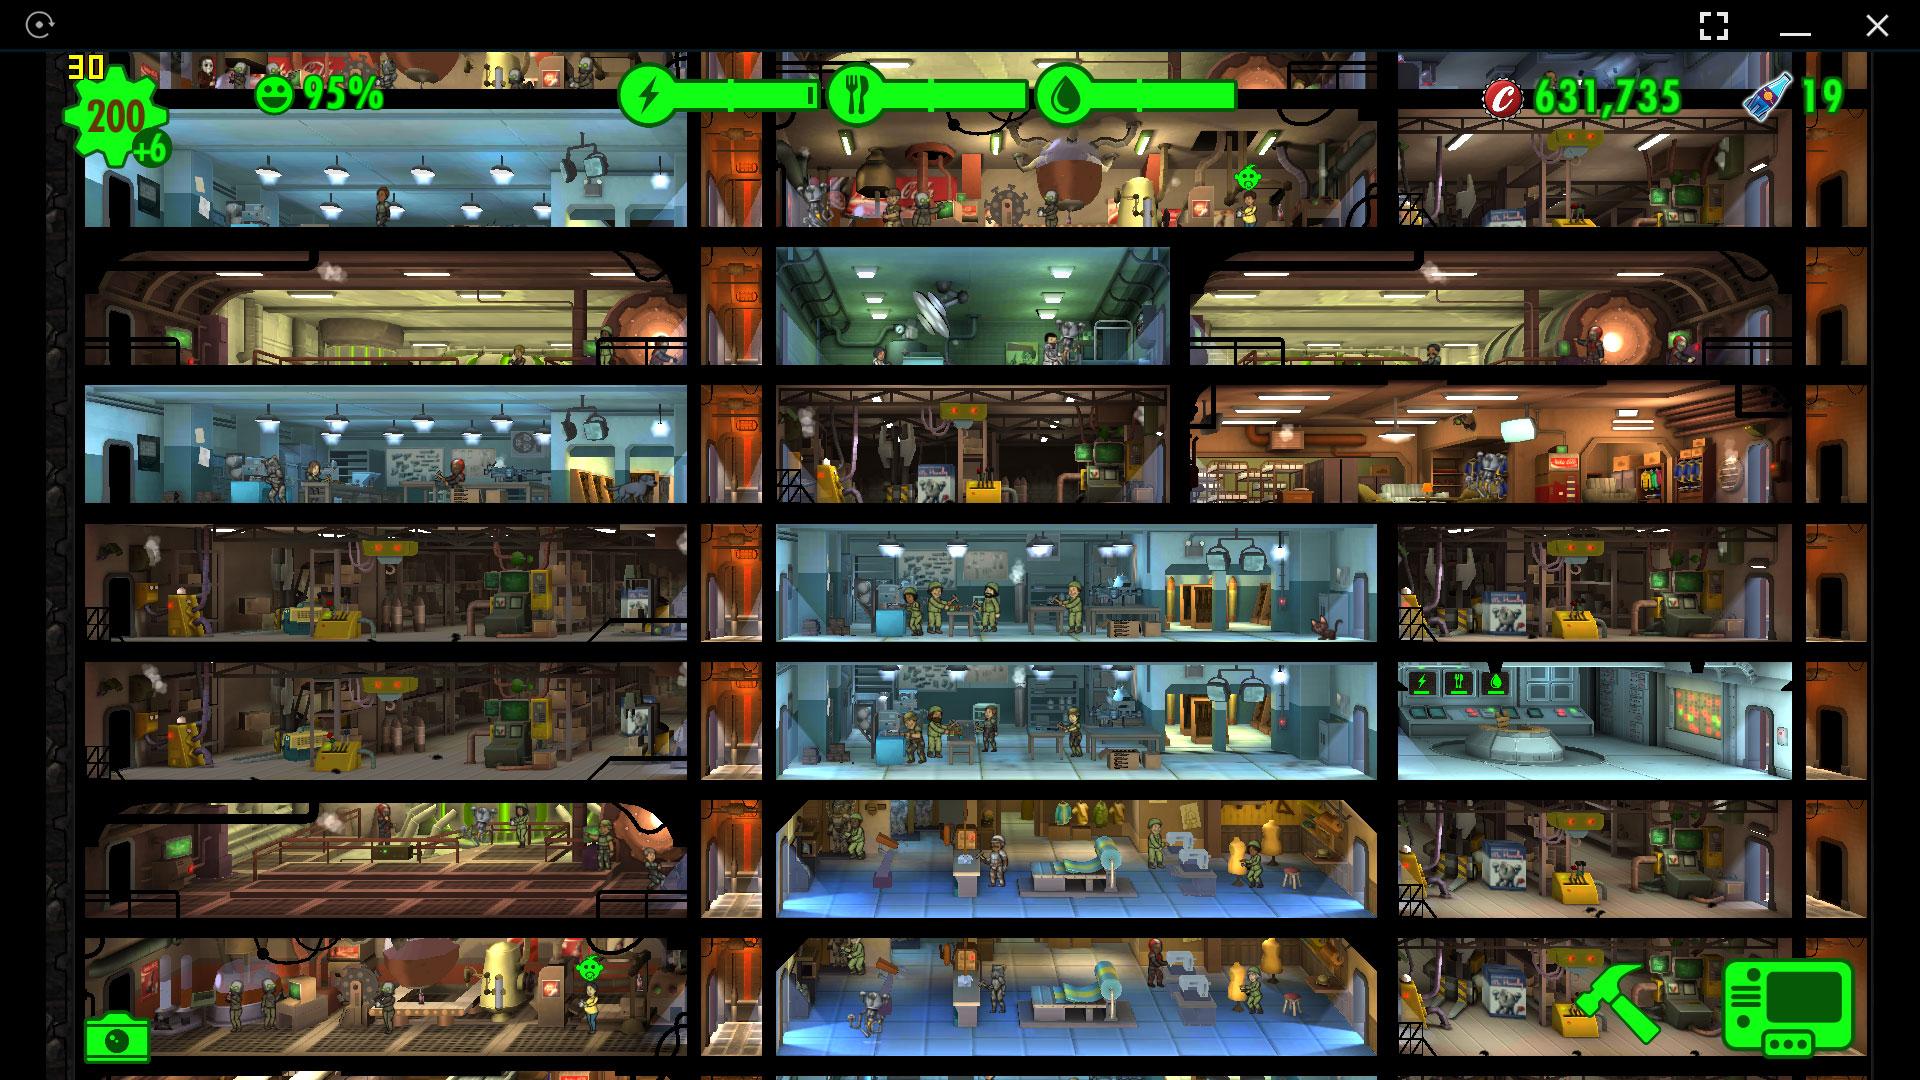 """Résultat de recherche d'images pour """"fallout shelter"""""""